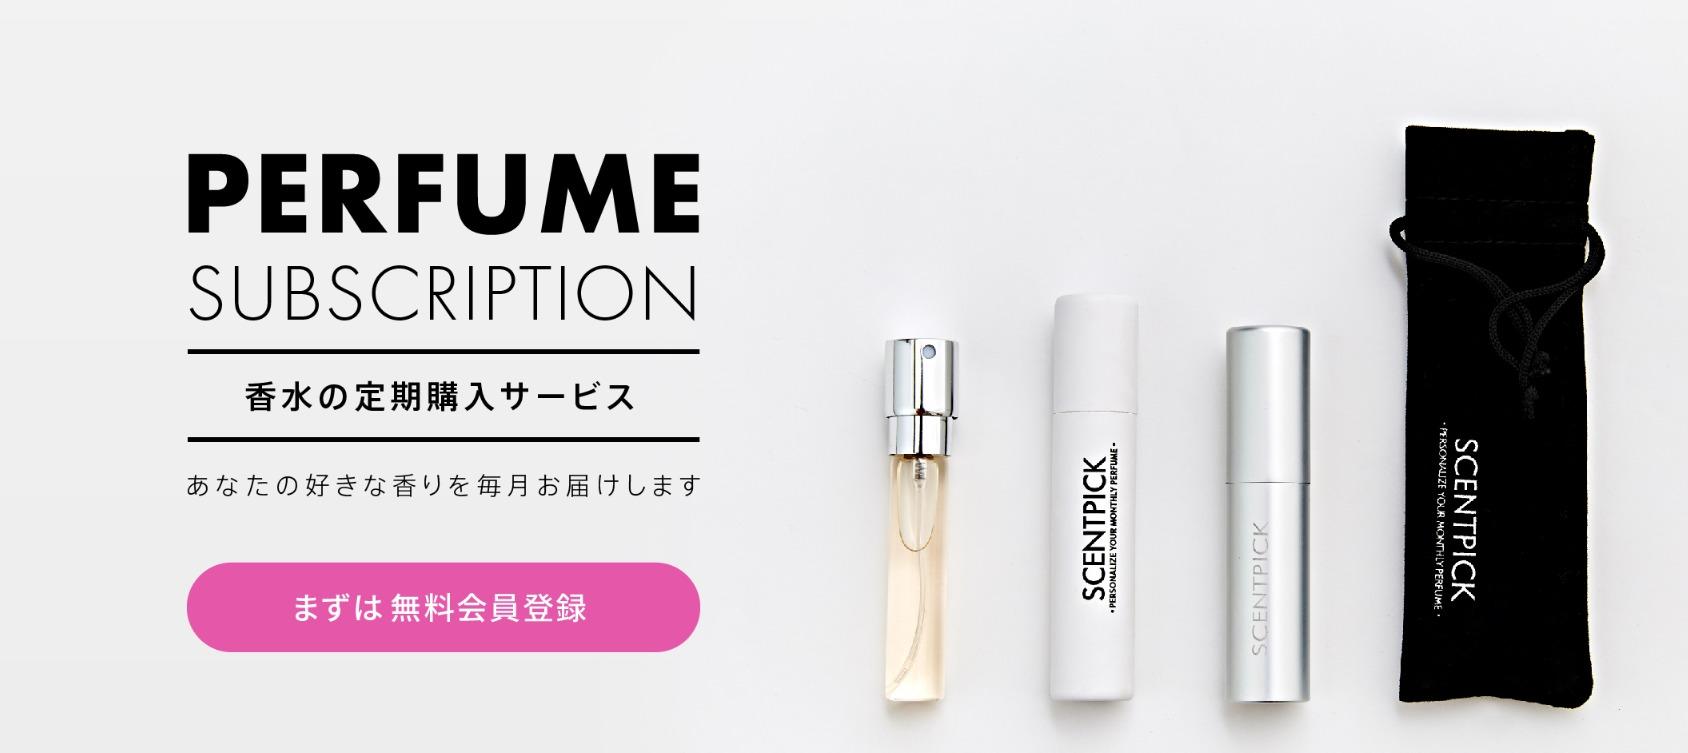 SCENTPICK(セントピック)の香水お試しの口コミ評判とお得な利用方法